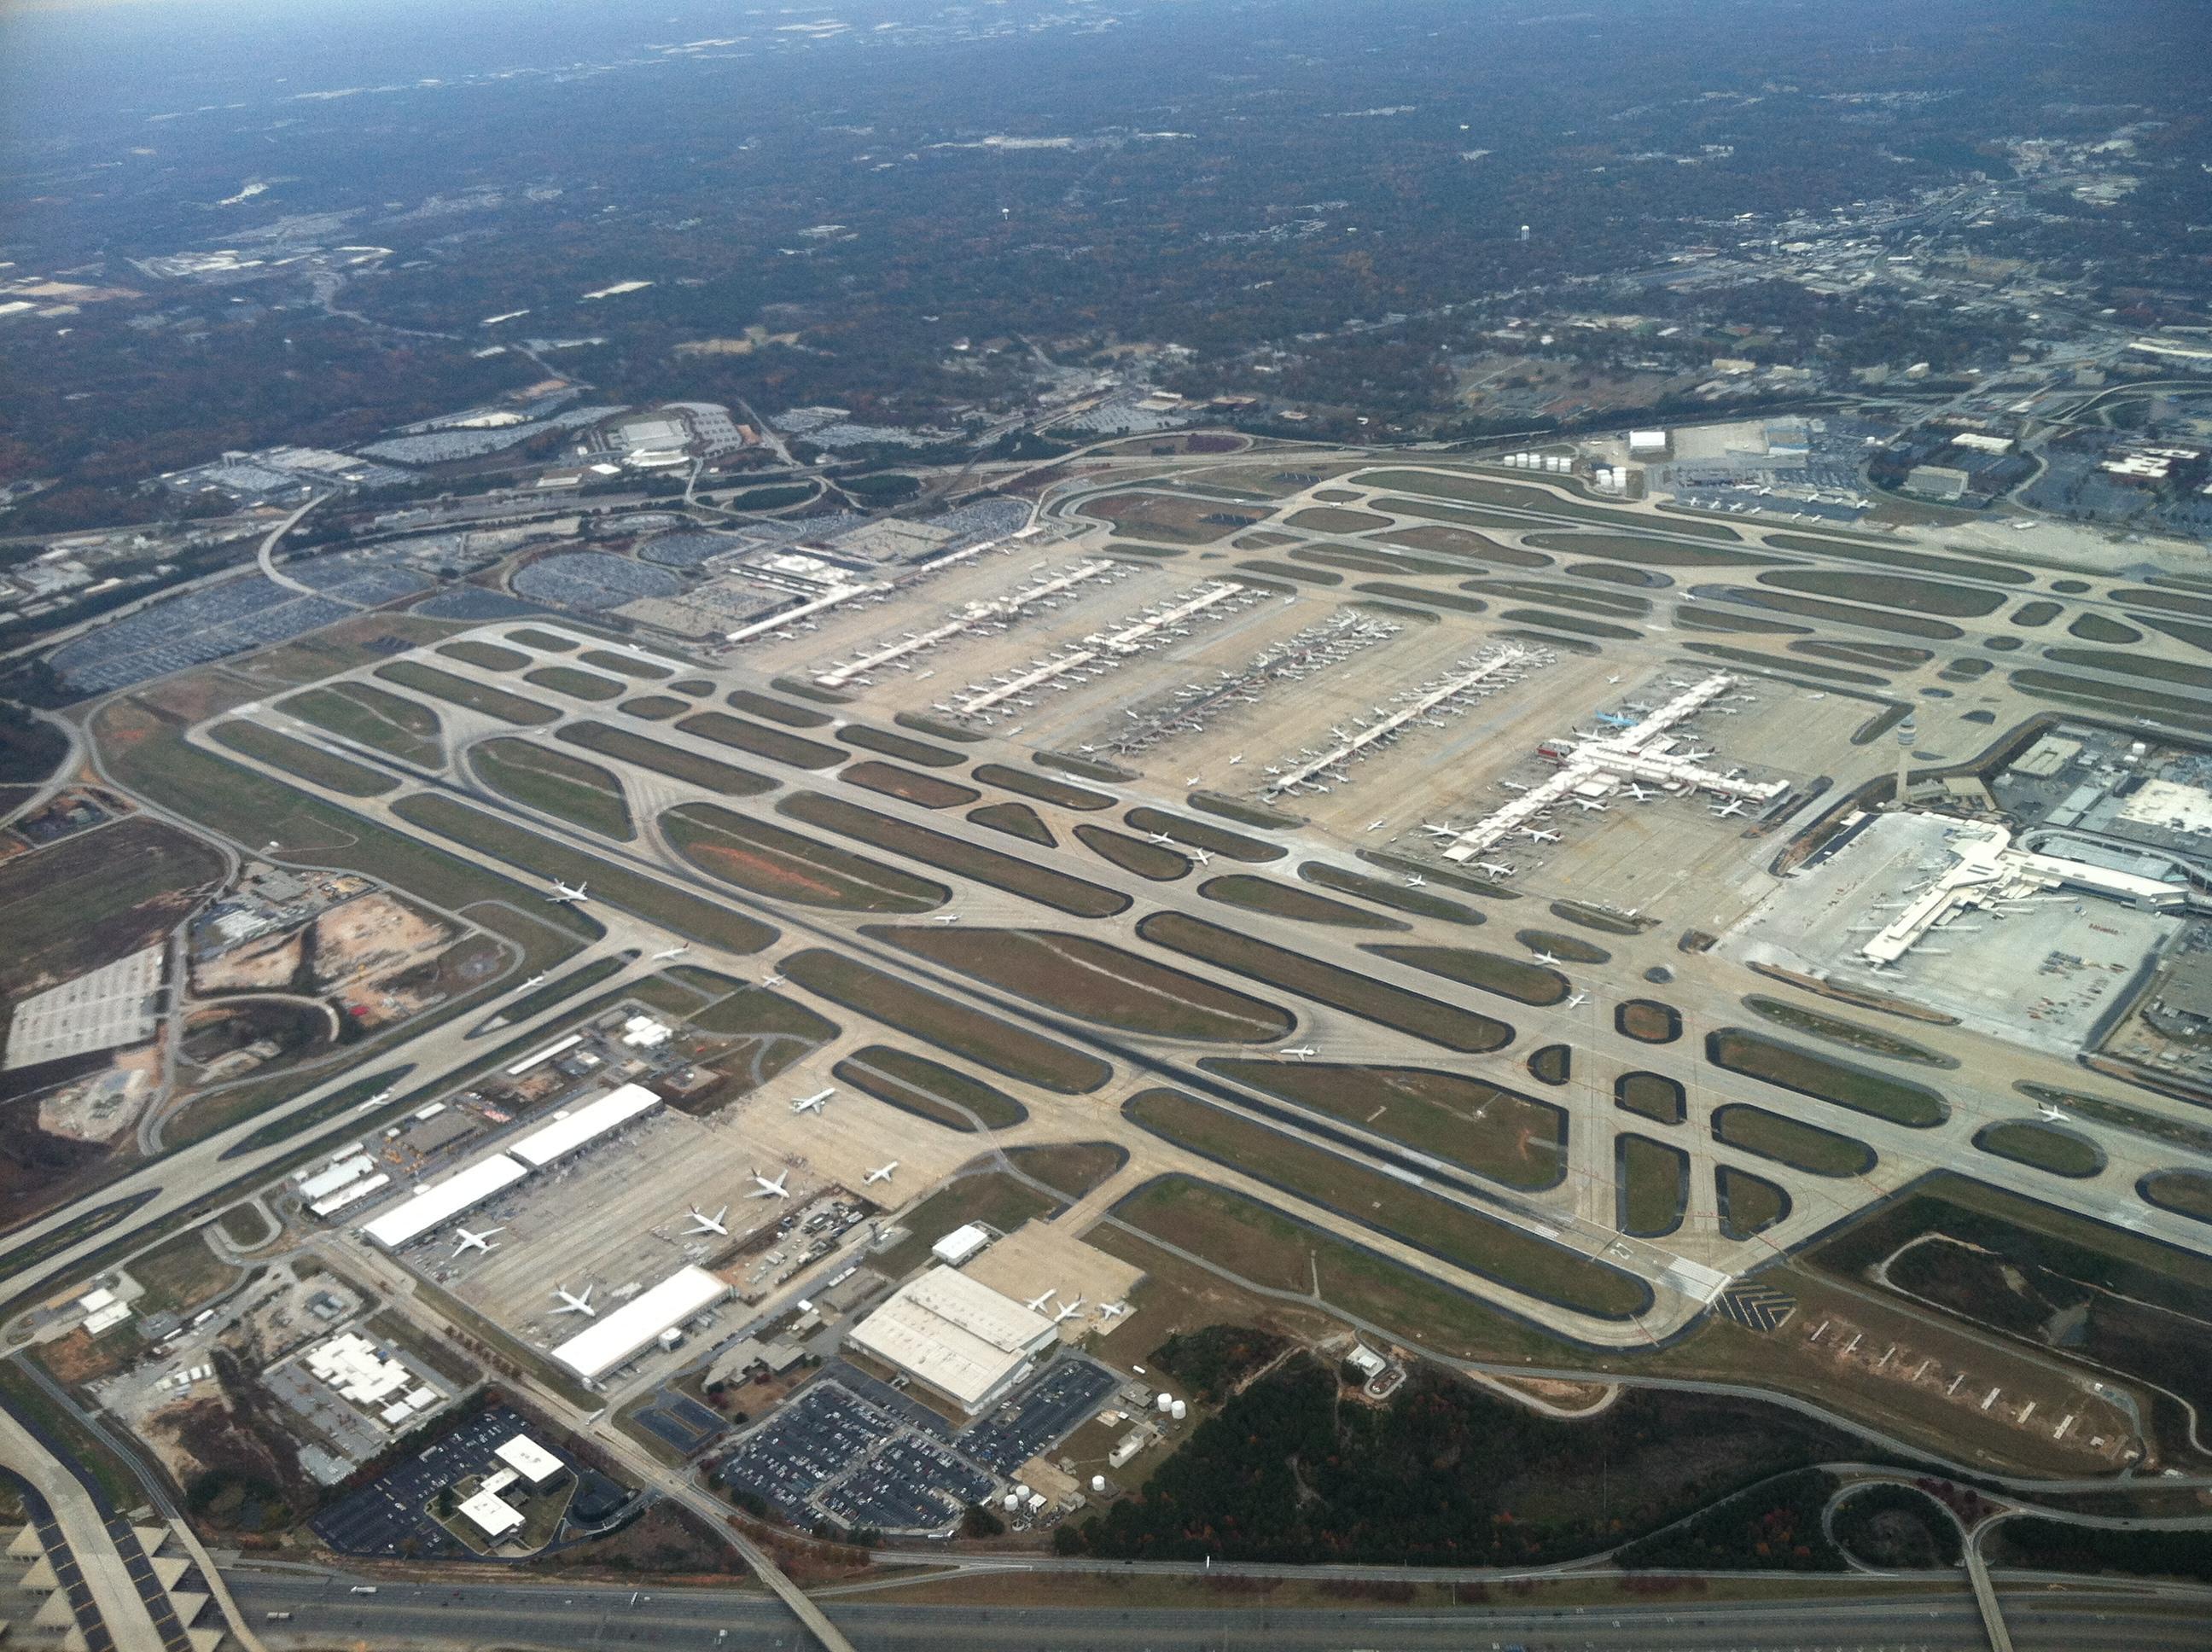 Suficiente Hartsfield-Jackson Atlanta International Airport | SkyVector SI54